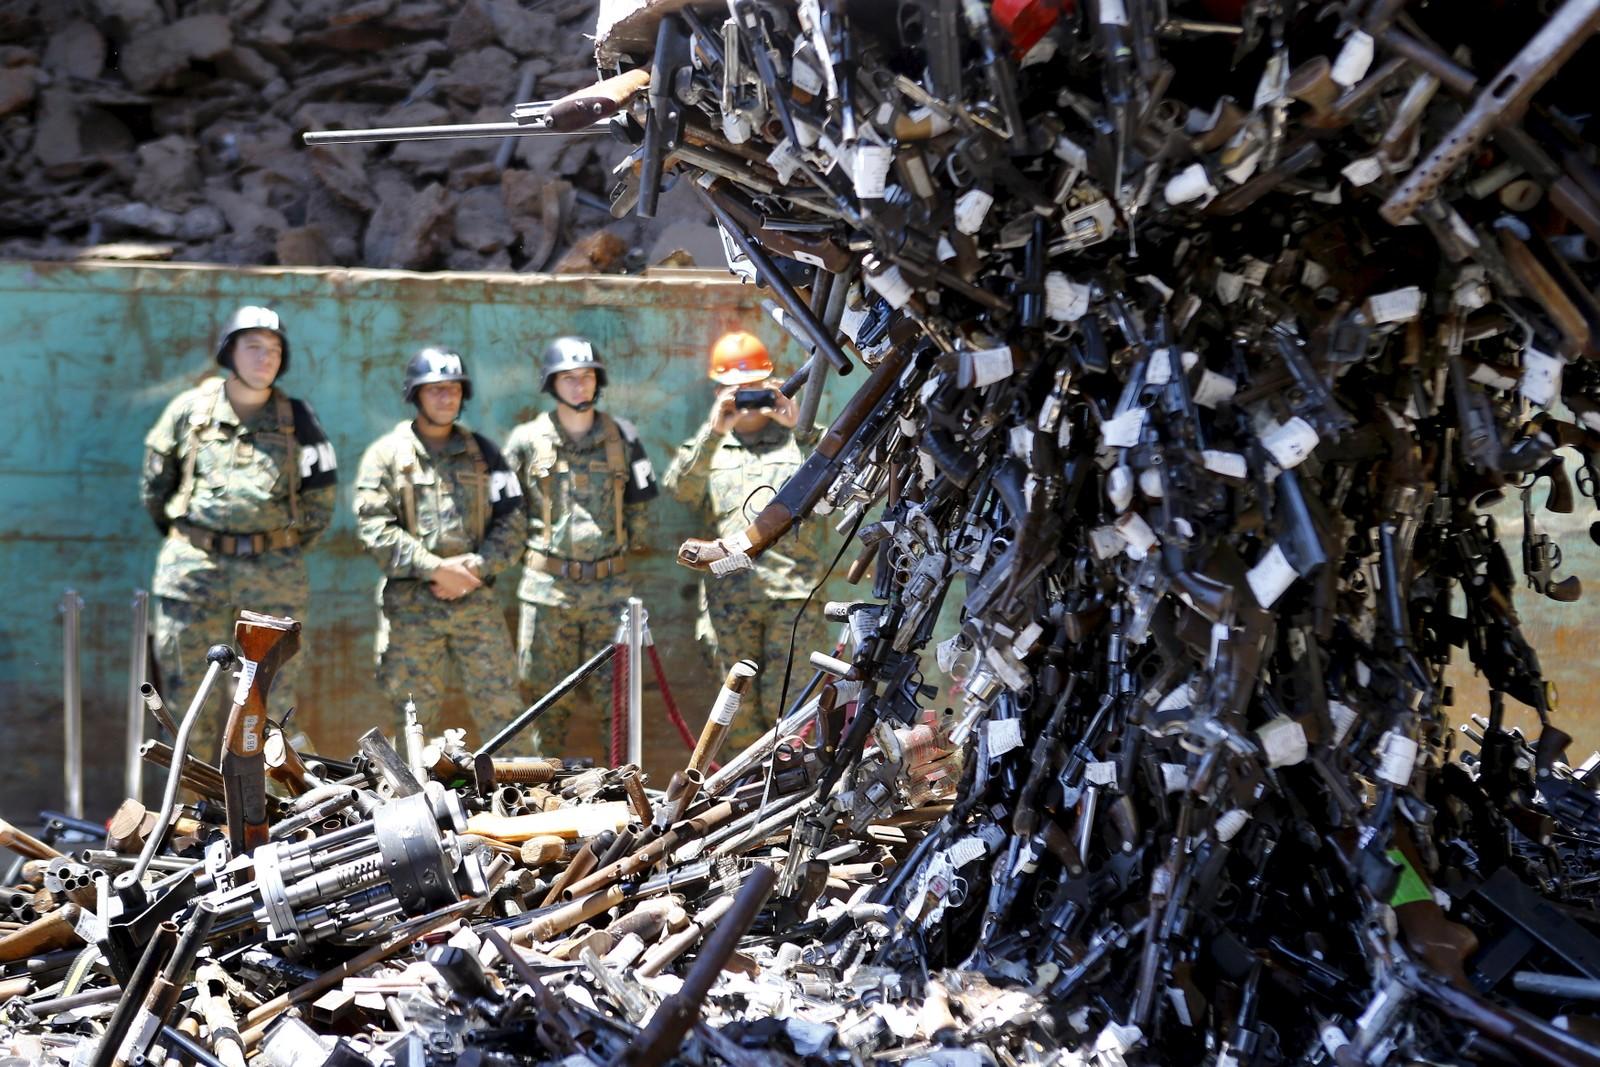 Konfiskerte skytevåpen blir fisket opp med magnet i Santiago, Chile, før de blir fraktet bort og destruert. 13.000 våpen led samme skjebne da myndighetene ville få kontroll på våpnene i landet.